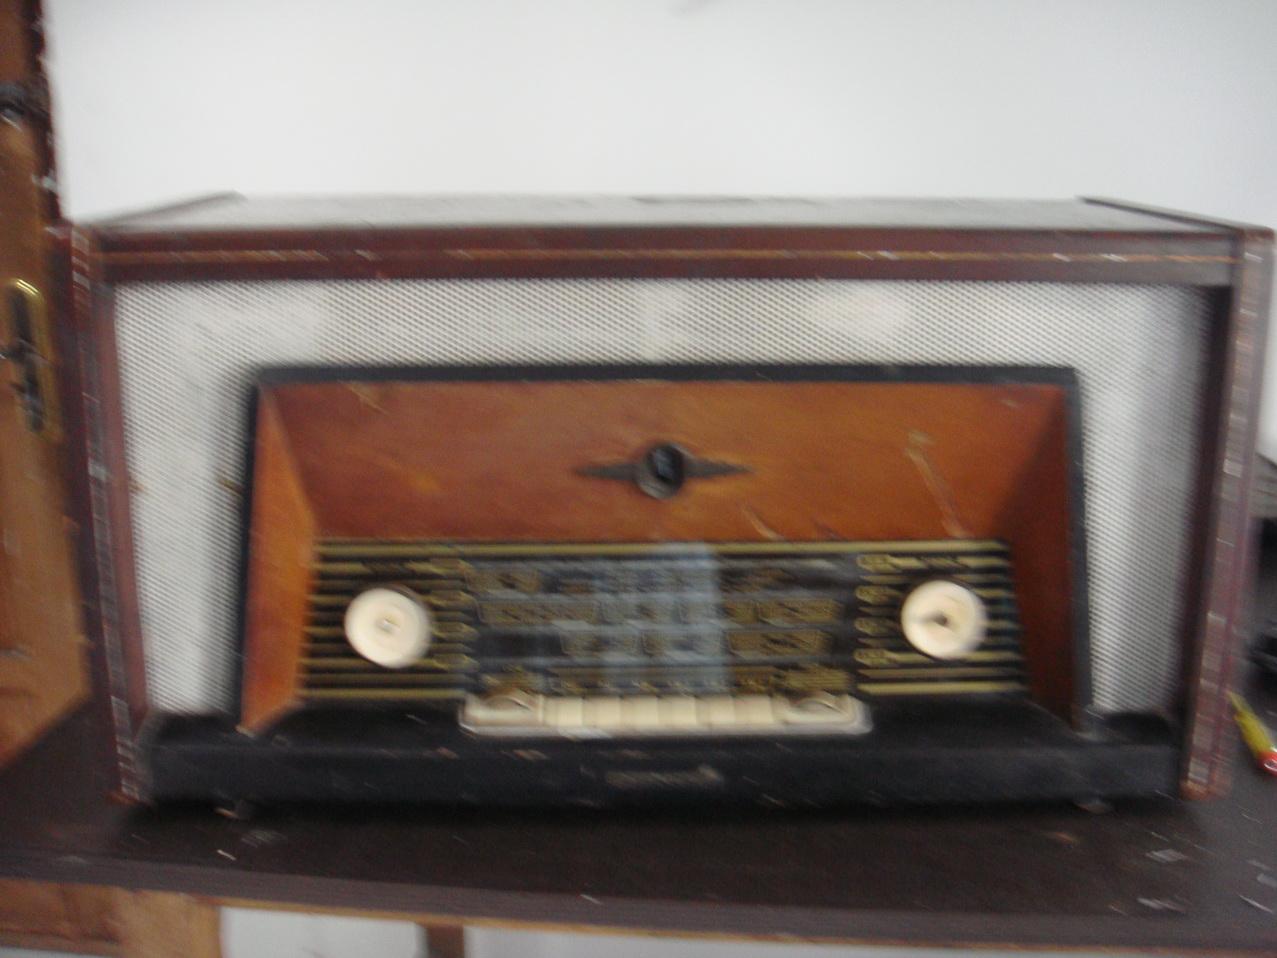 TOKO BARANG ANTIK Radio Tabung BENCE